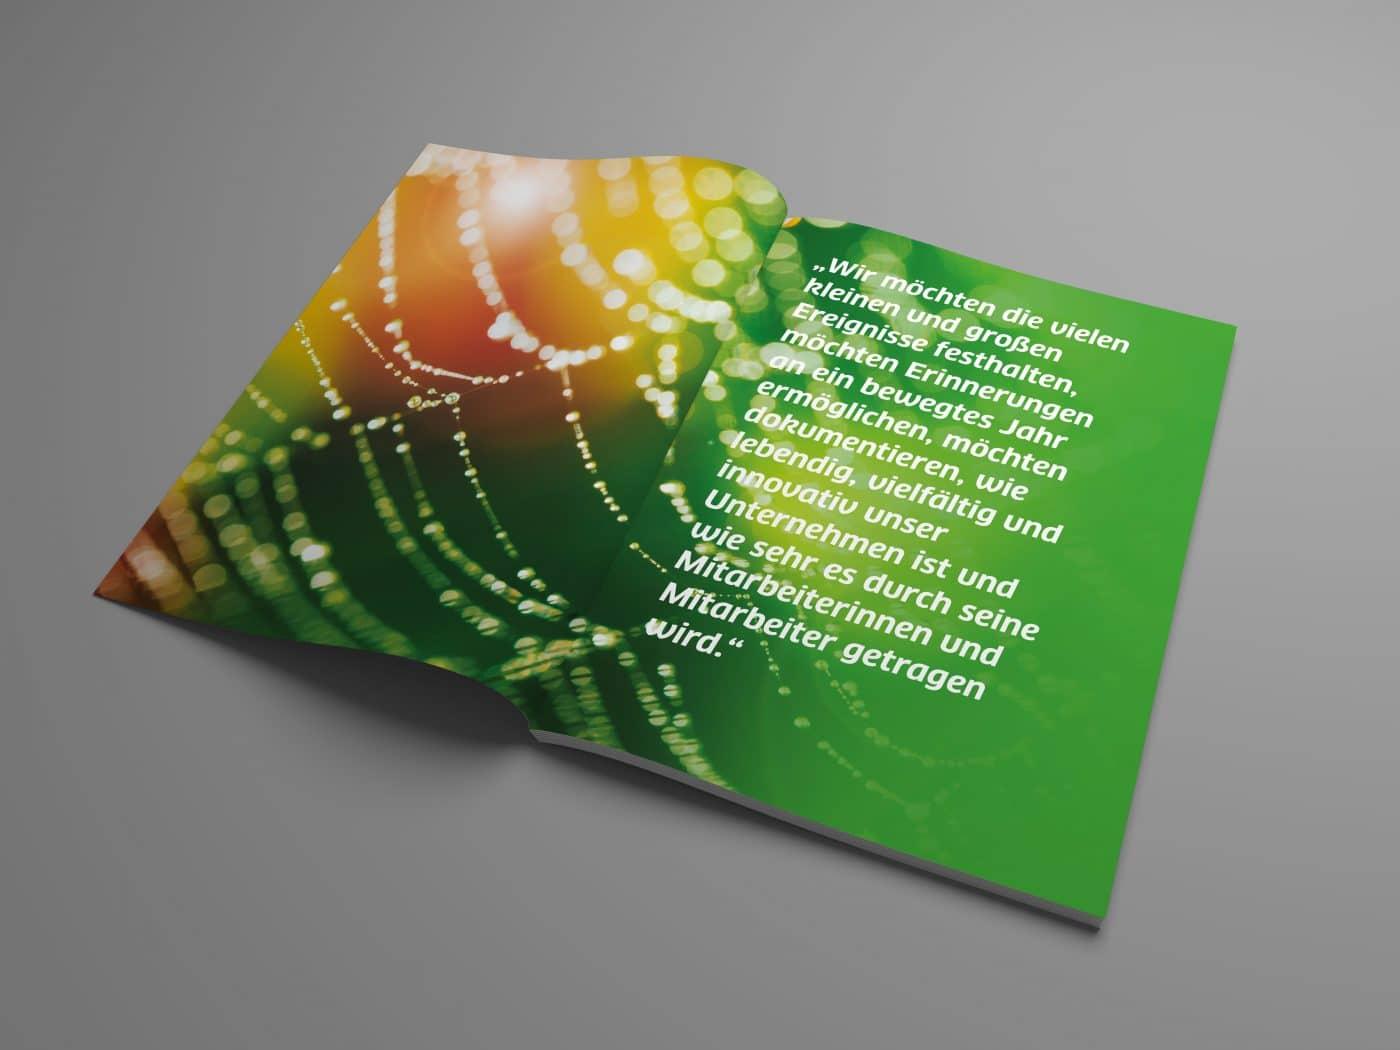 kd jahrbuch 02 - Ein rundum gelungenes Mitarbeiterjahrbuch – Corporate Design, Grafikdesign, Kommunikationsdesign, Branding, Markenentwicklung, Editorial Design